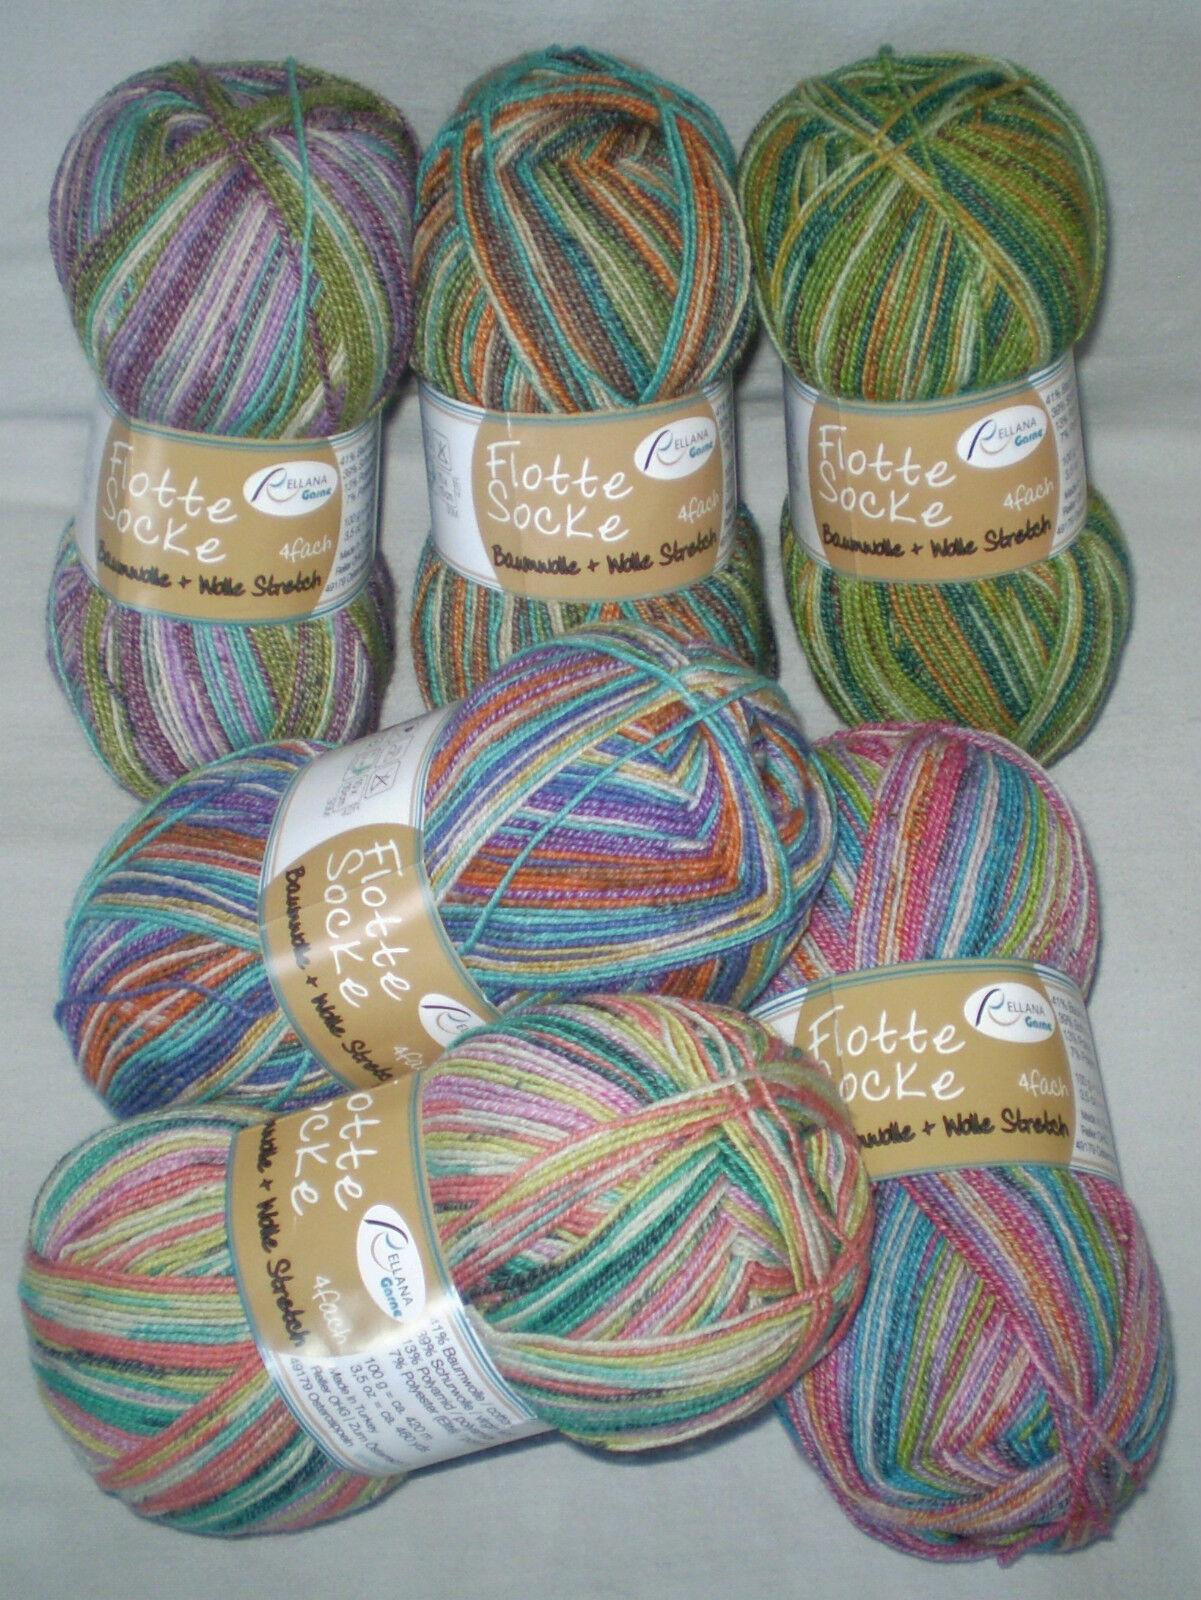 5,45€ / 100 gr RELLANA Sockenwolle 4-fach / 4-fädig  Baumwolle + Wolle Stretch